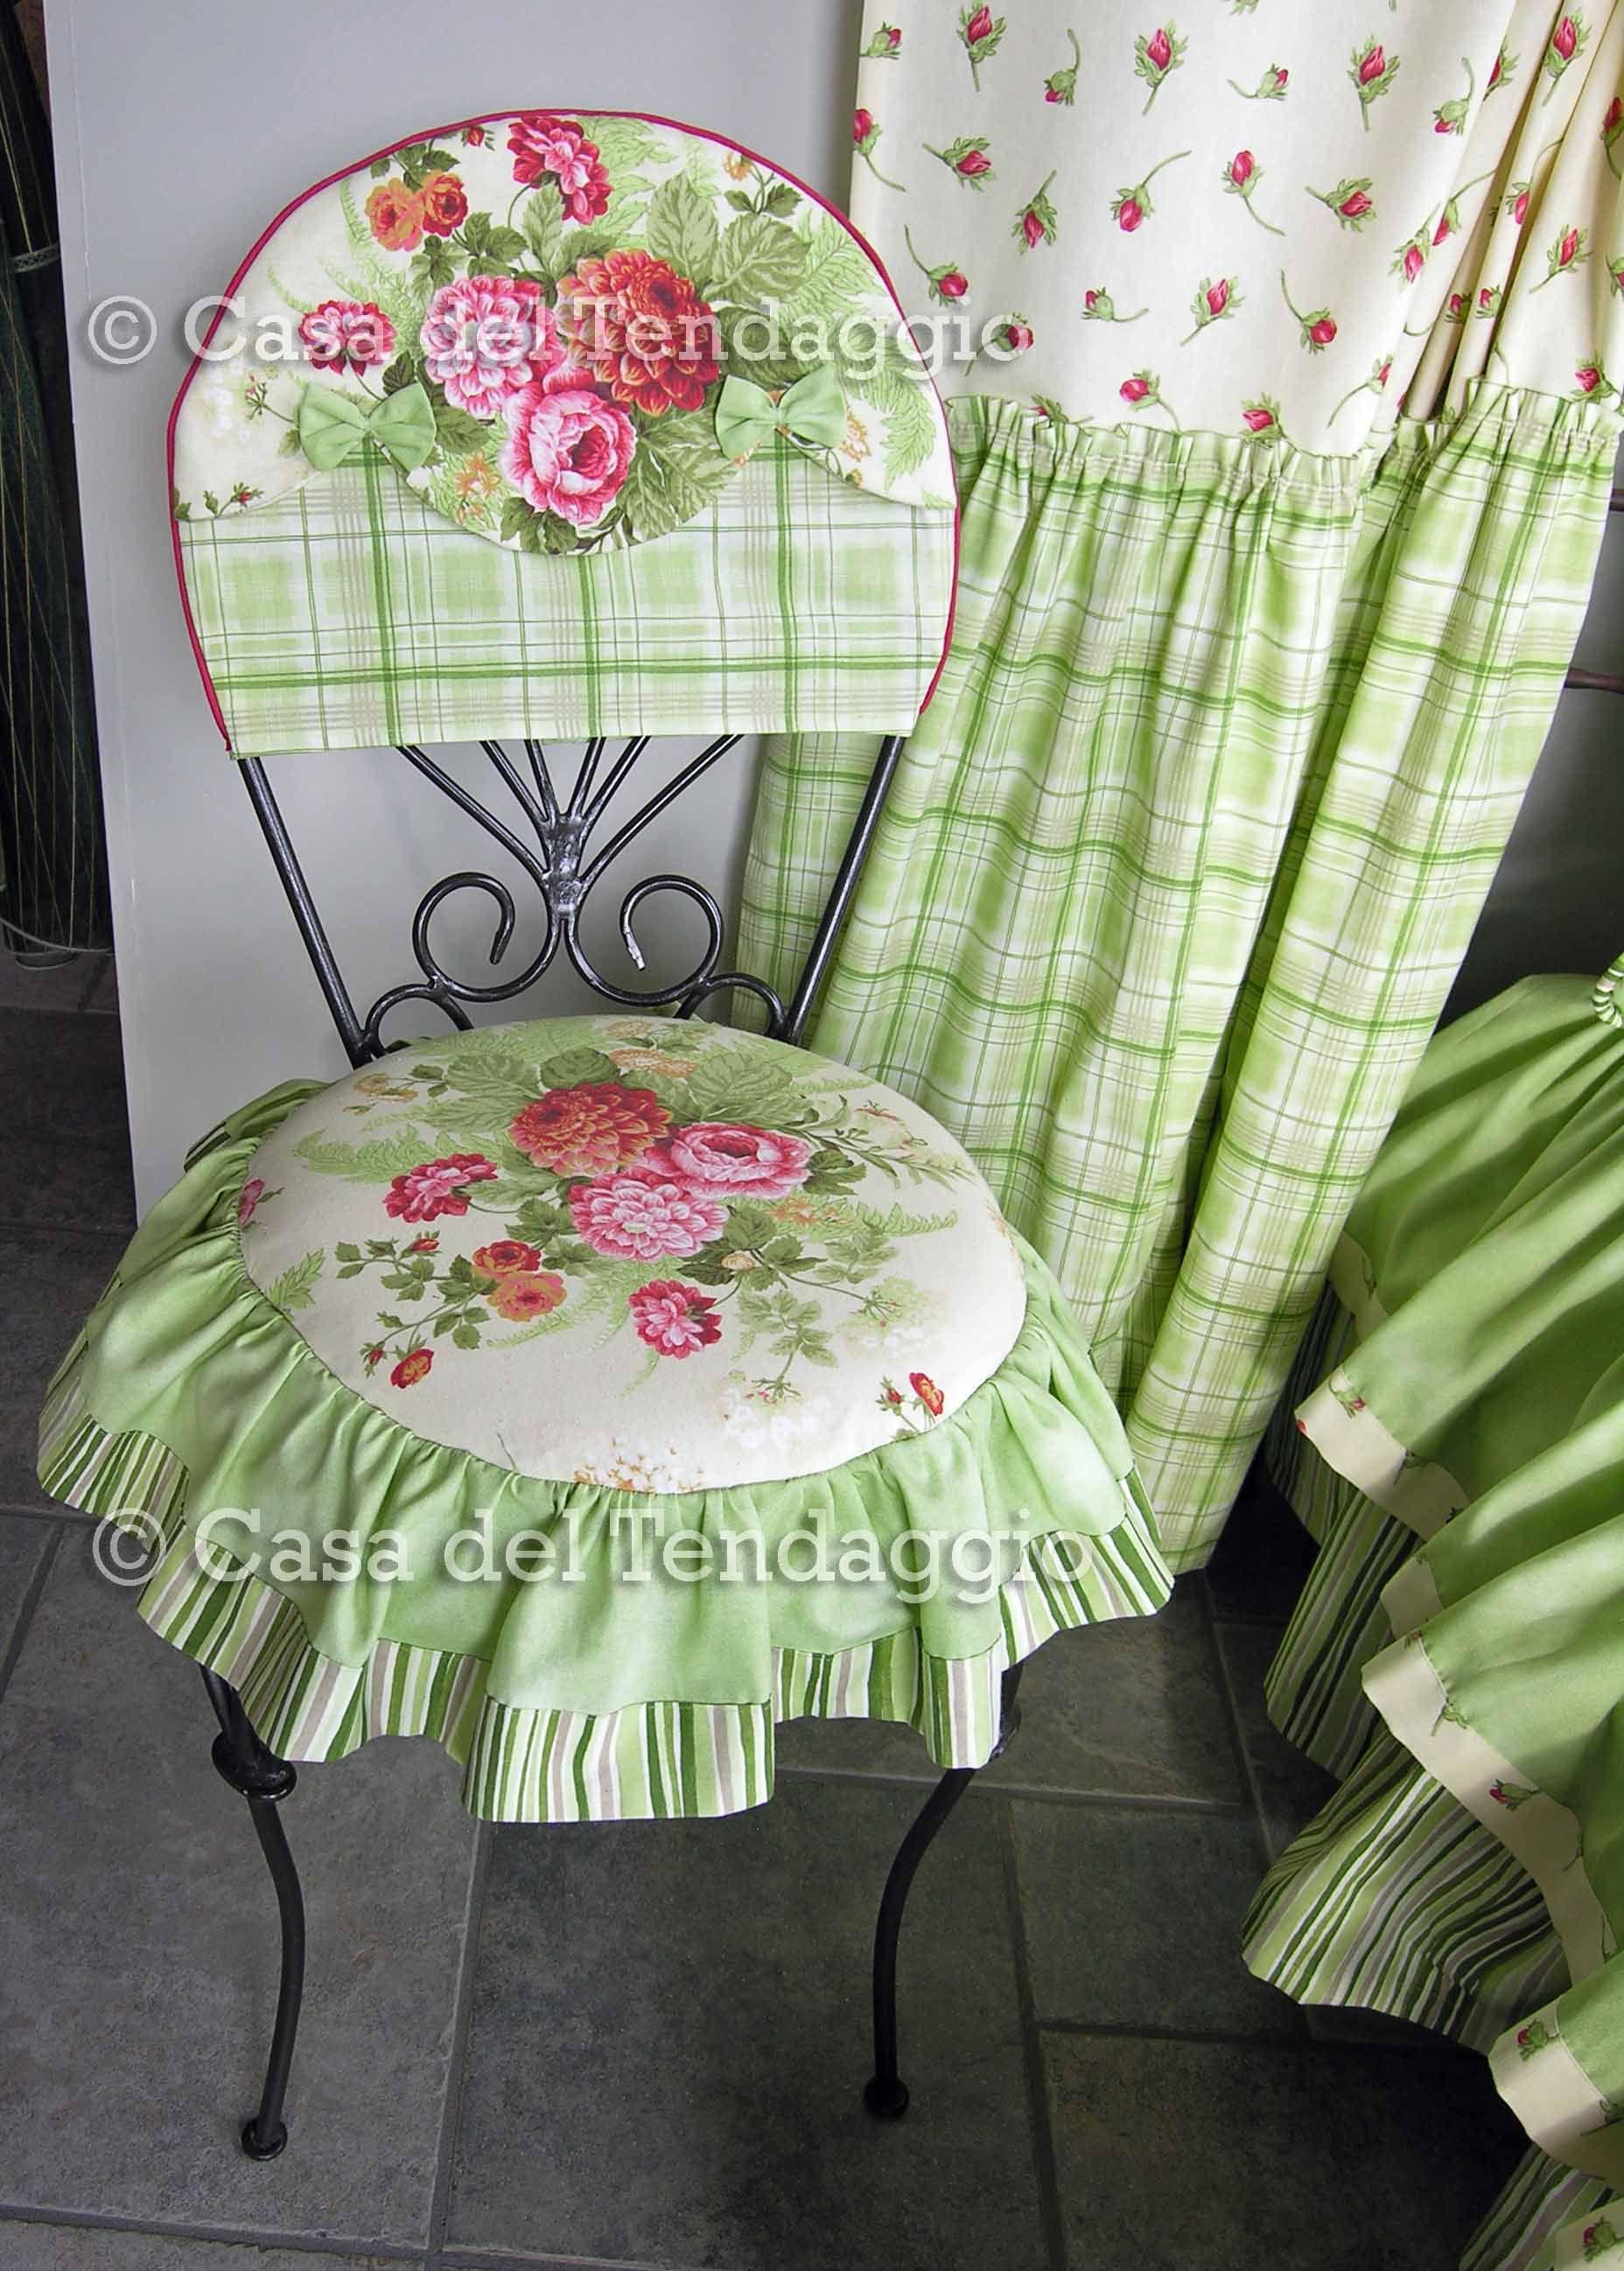 Cuscino per sedia con tessuto country a fiori cuscini pinterest shabby for Cuscini per sedie cucina provenzali